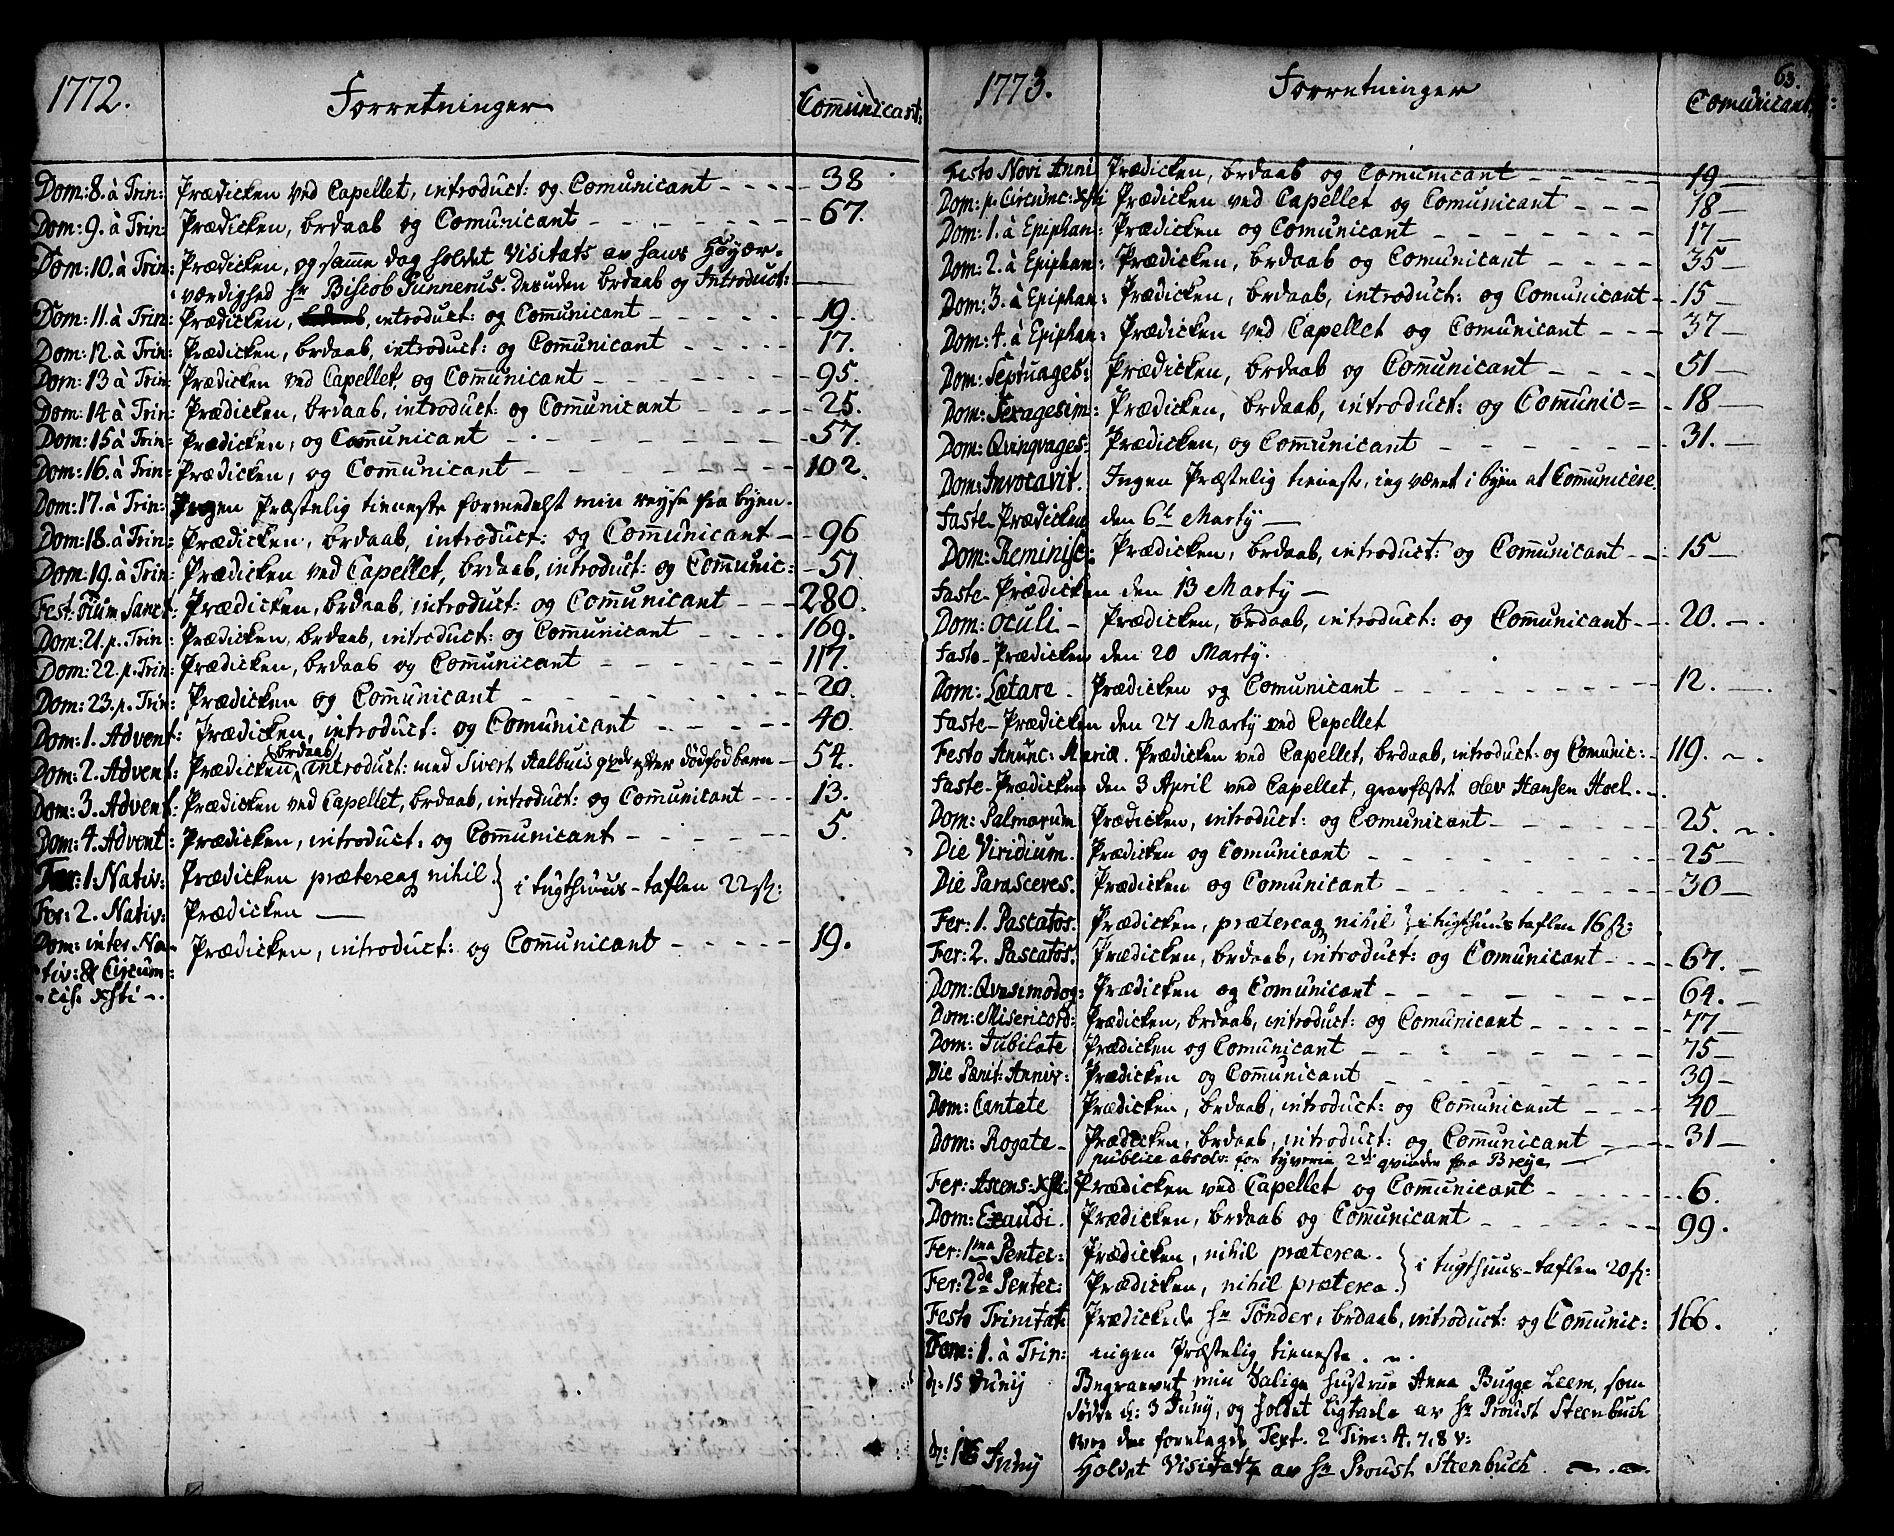 SAT, Ministerialprotokoller, klokkerbøker og fødselsregistre - Sør-Trøndelag, 678/L0891: Ministerialbok nr. 678A01, 1739-1780, s. 63